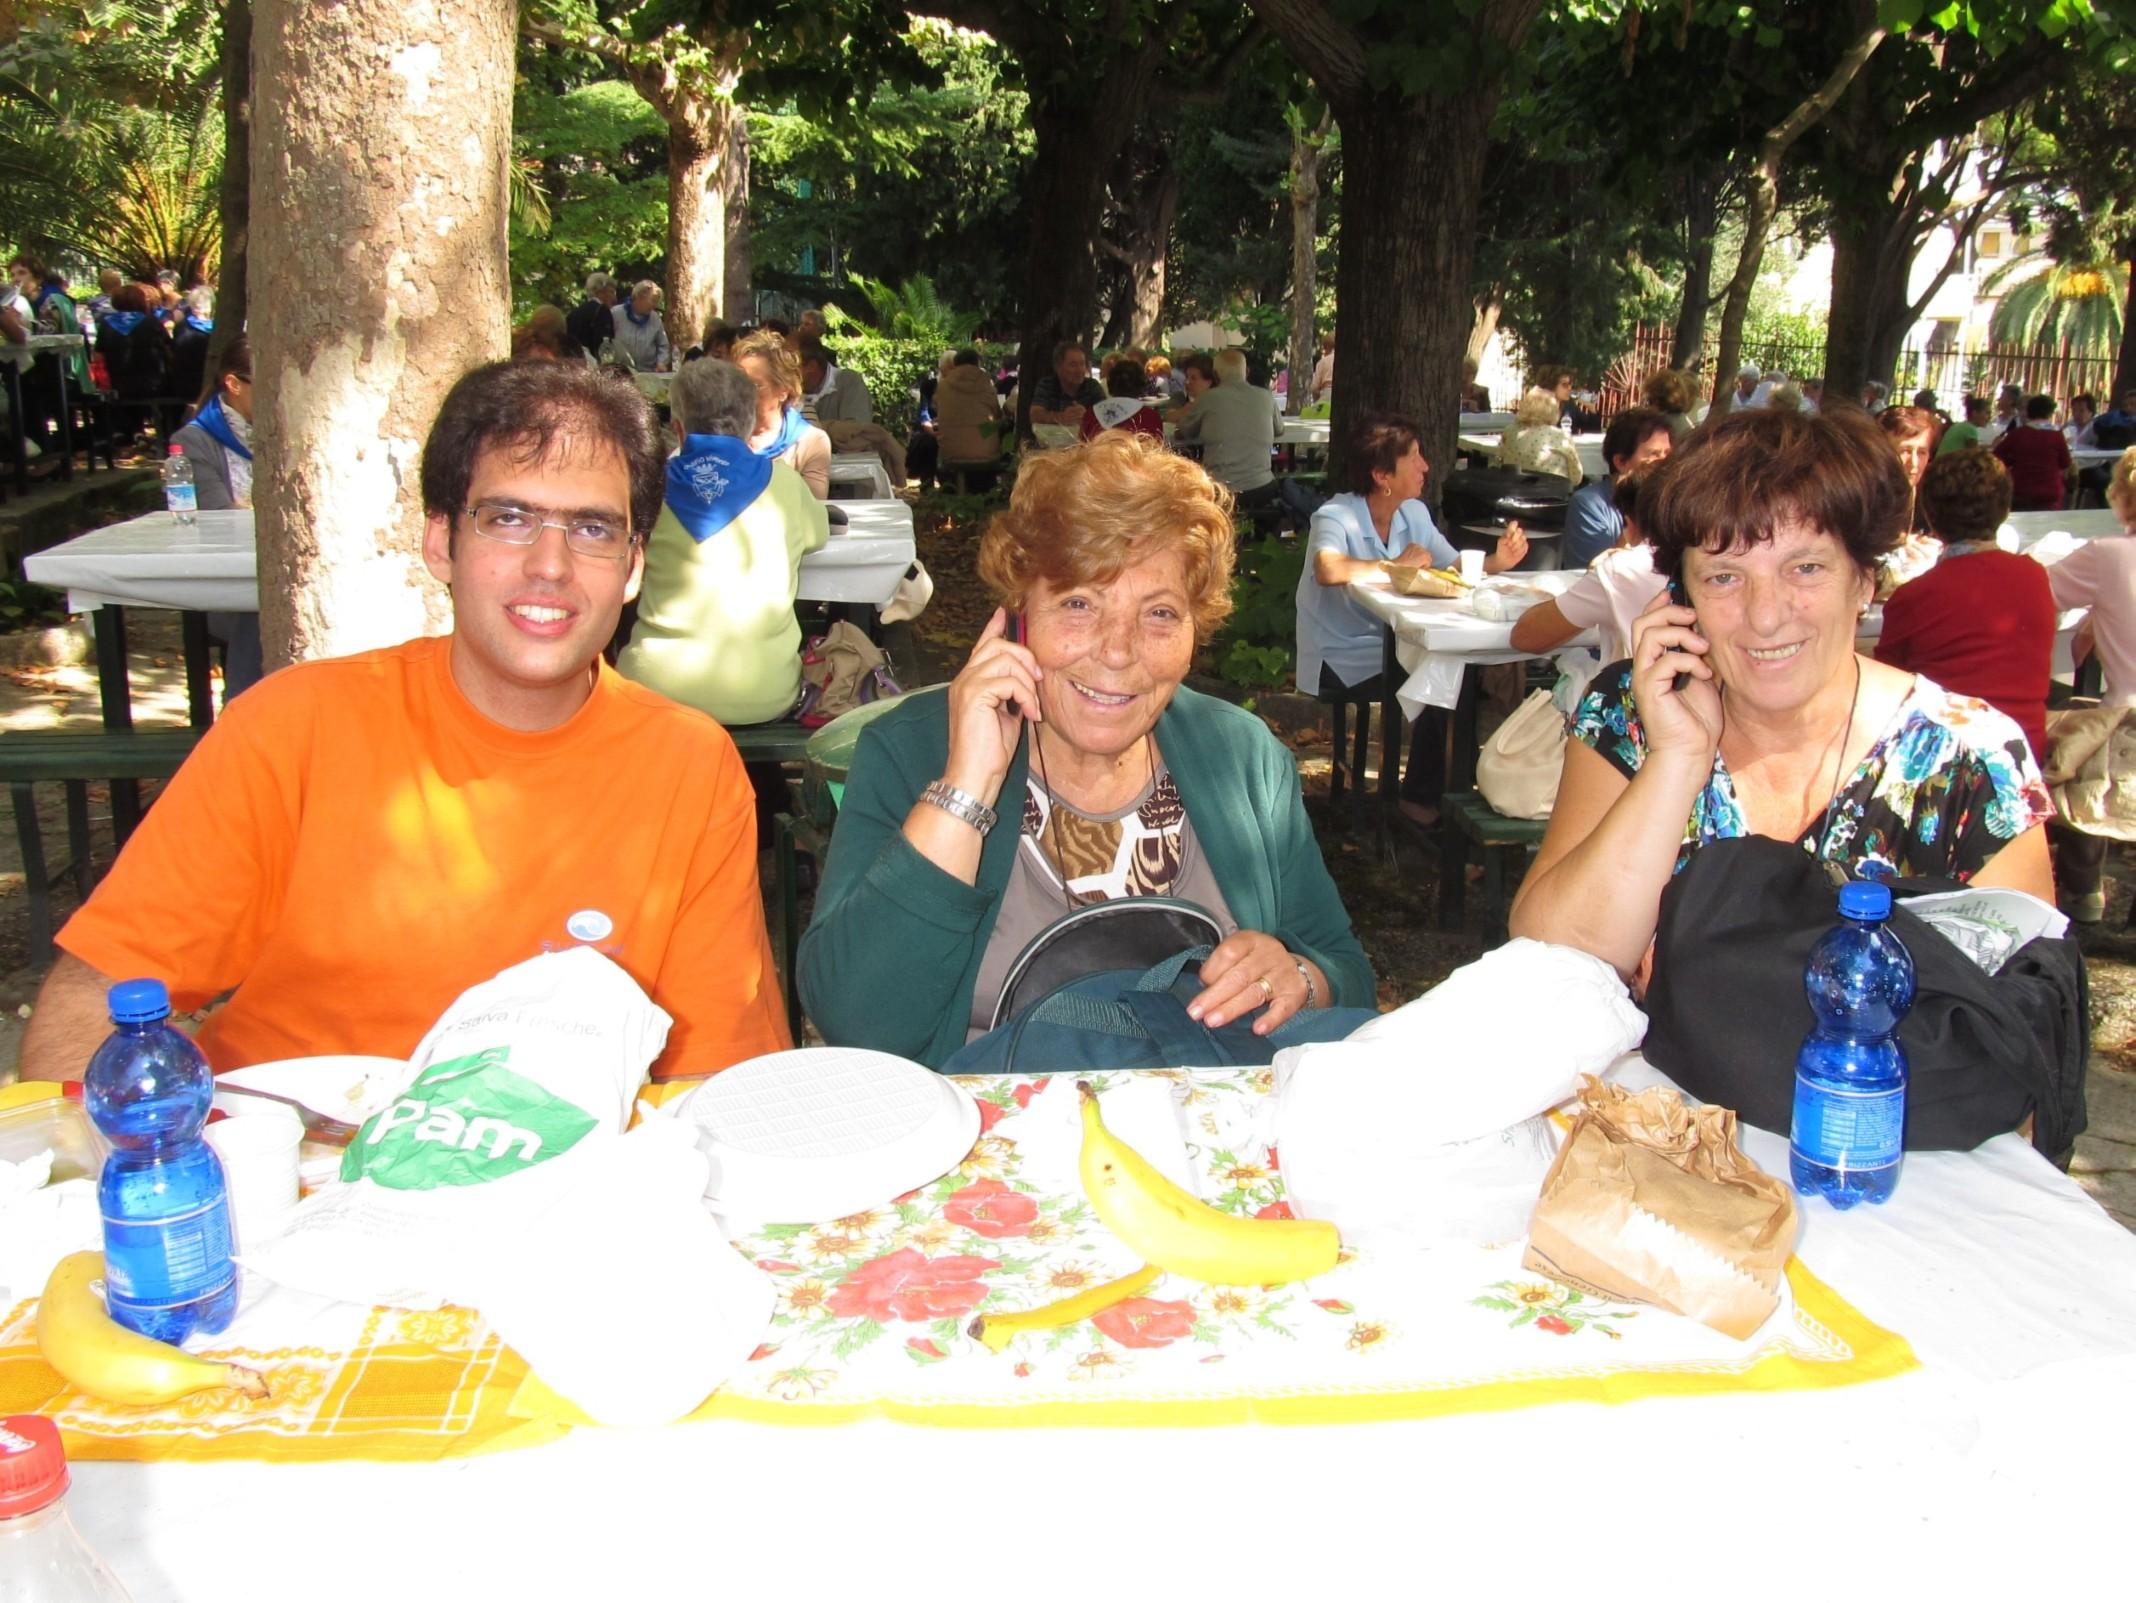 giornata_comunita_arenzano-2013-09-22-12-59-34